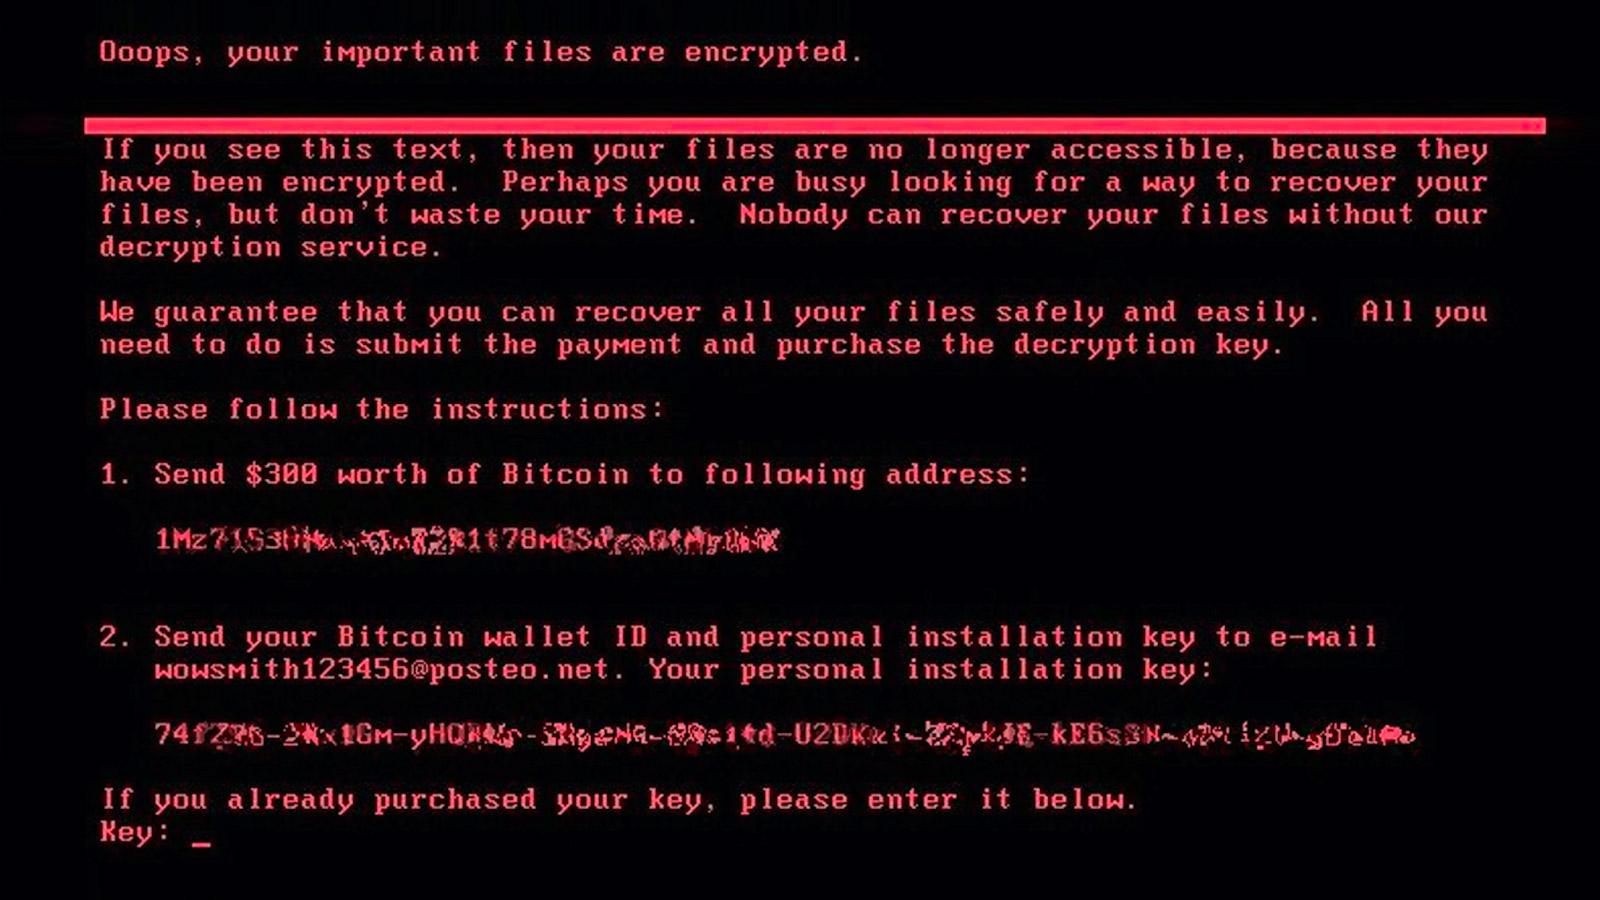 Один из вариантов страницы с требованием выкупа на компьютере, зараженном вирусом Petya